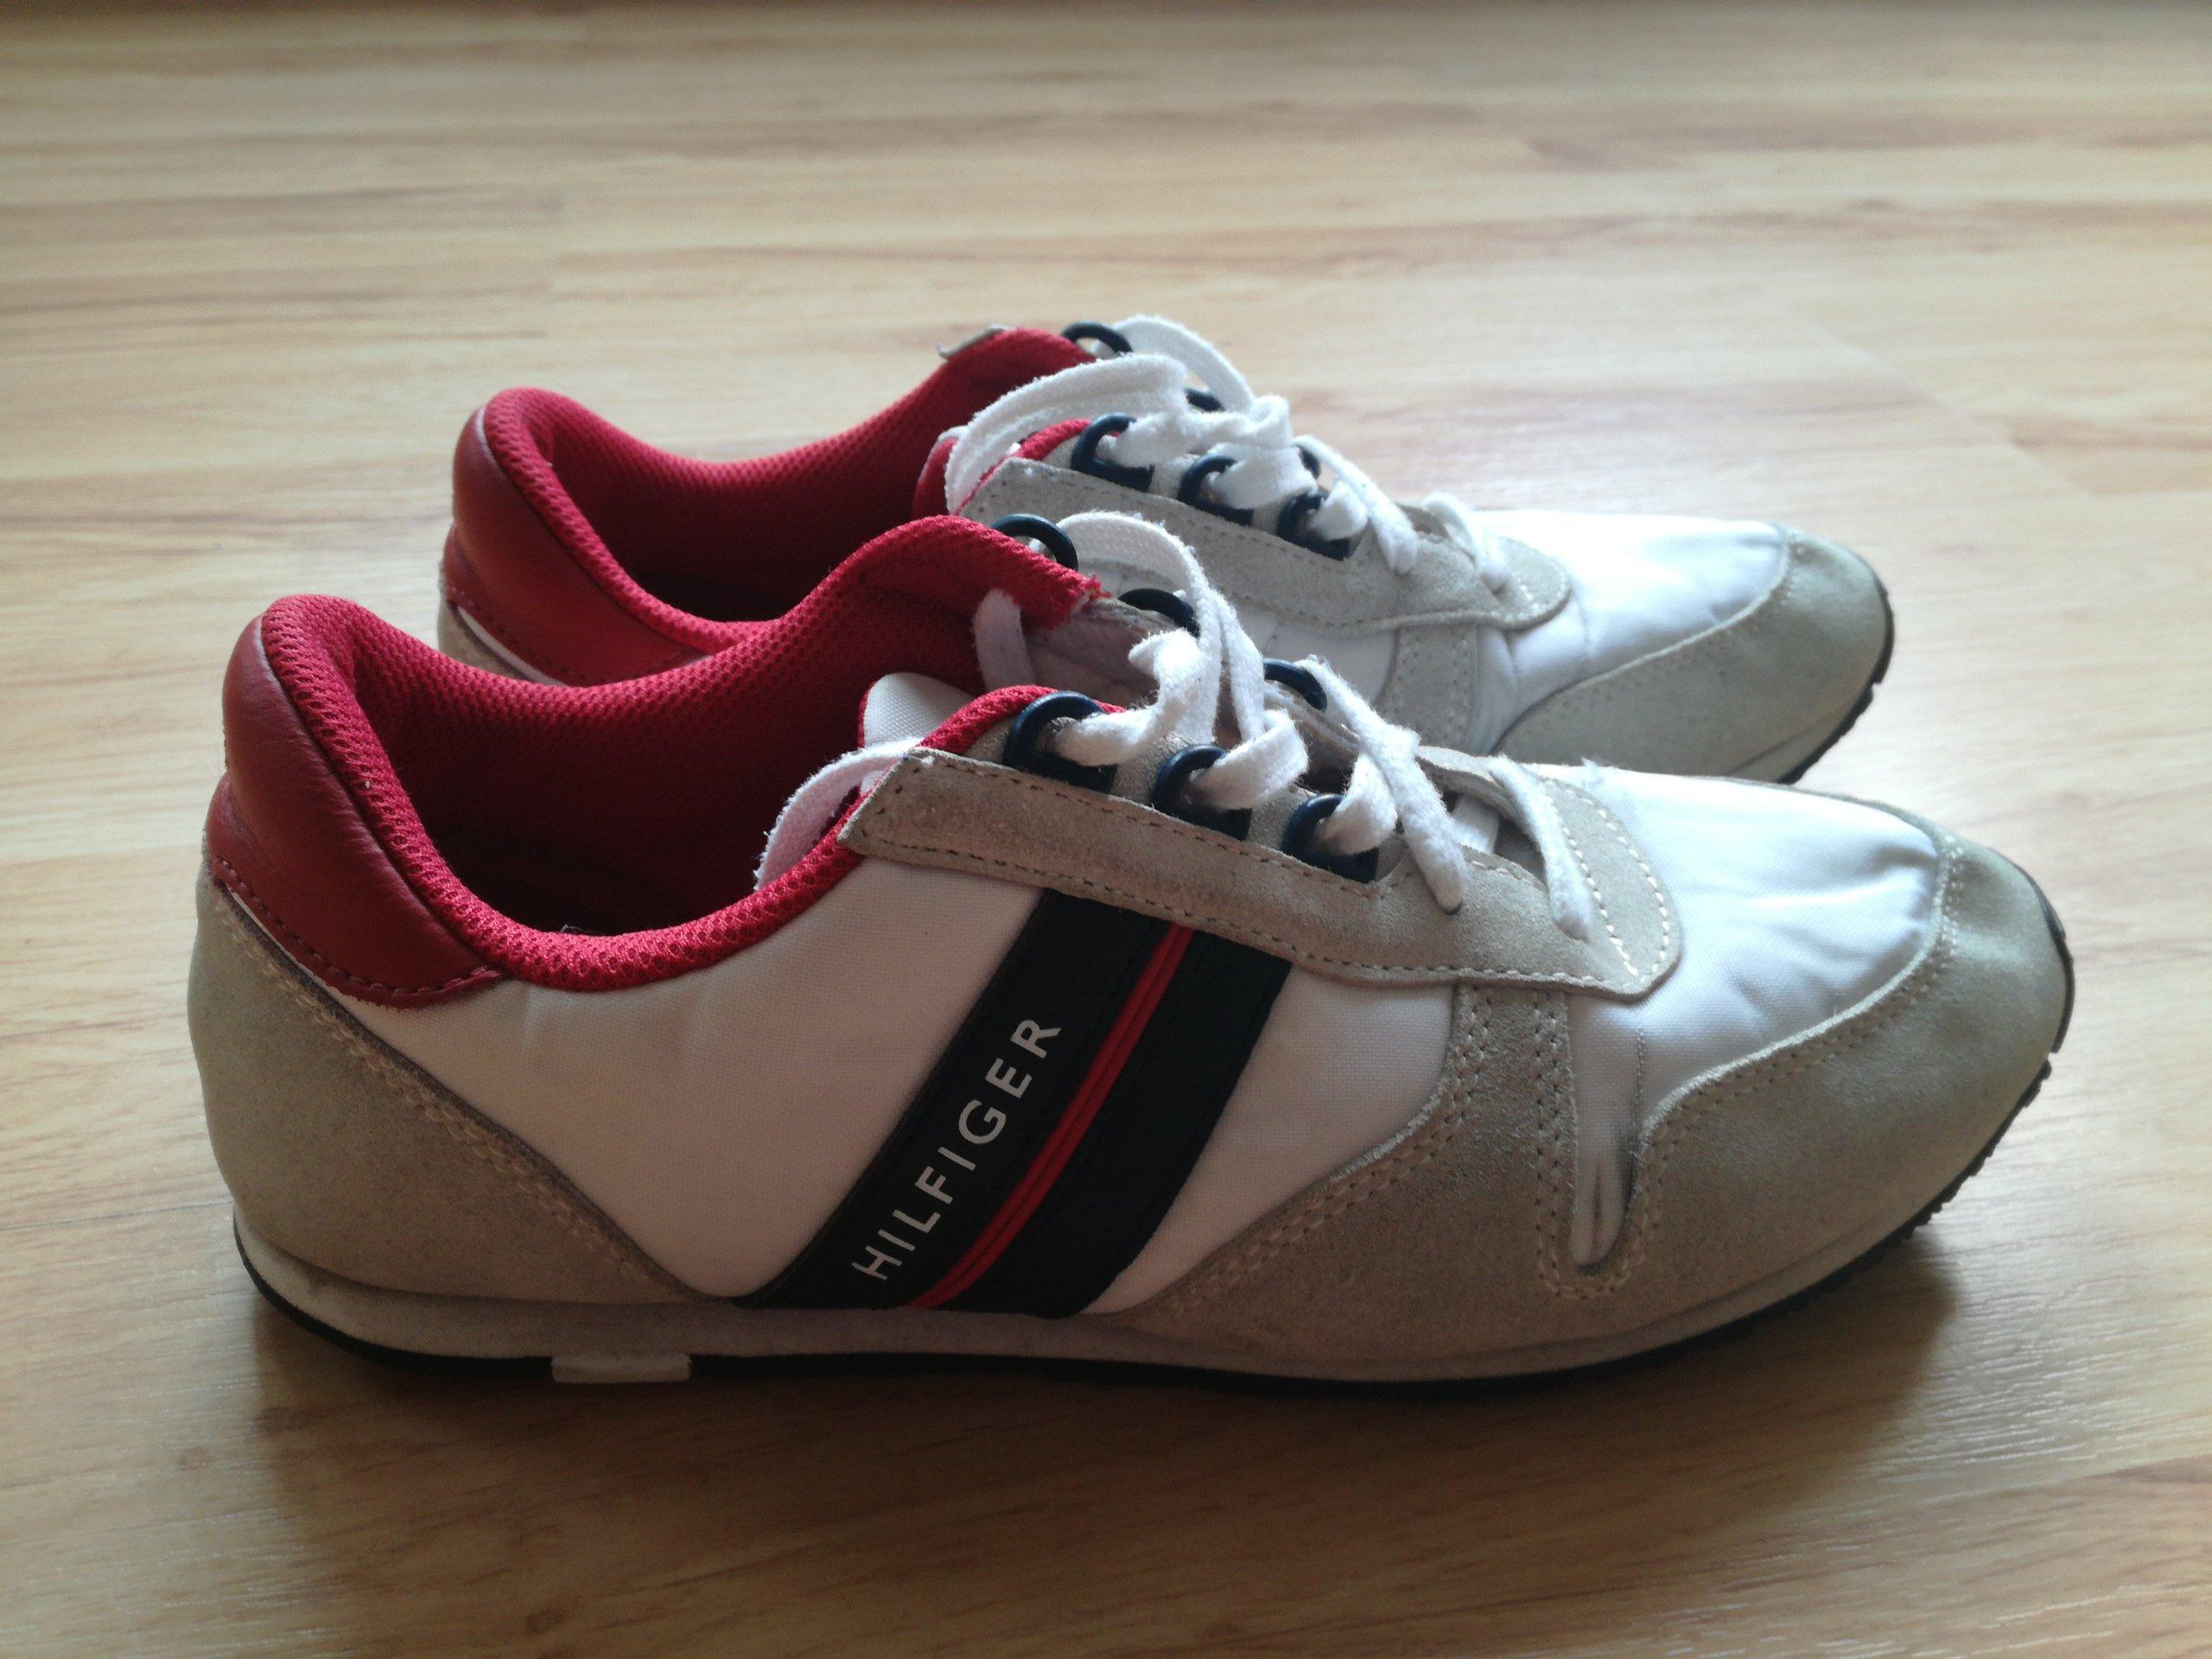 f984b3b2ab136 Adidasy Tommy Hilfiger rozm 39 buty sportowe - 7412652433 ...